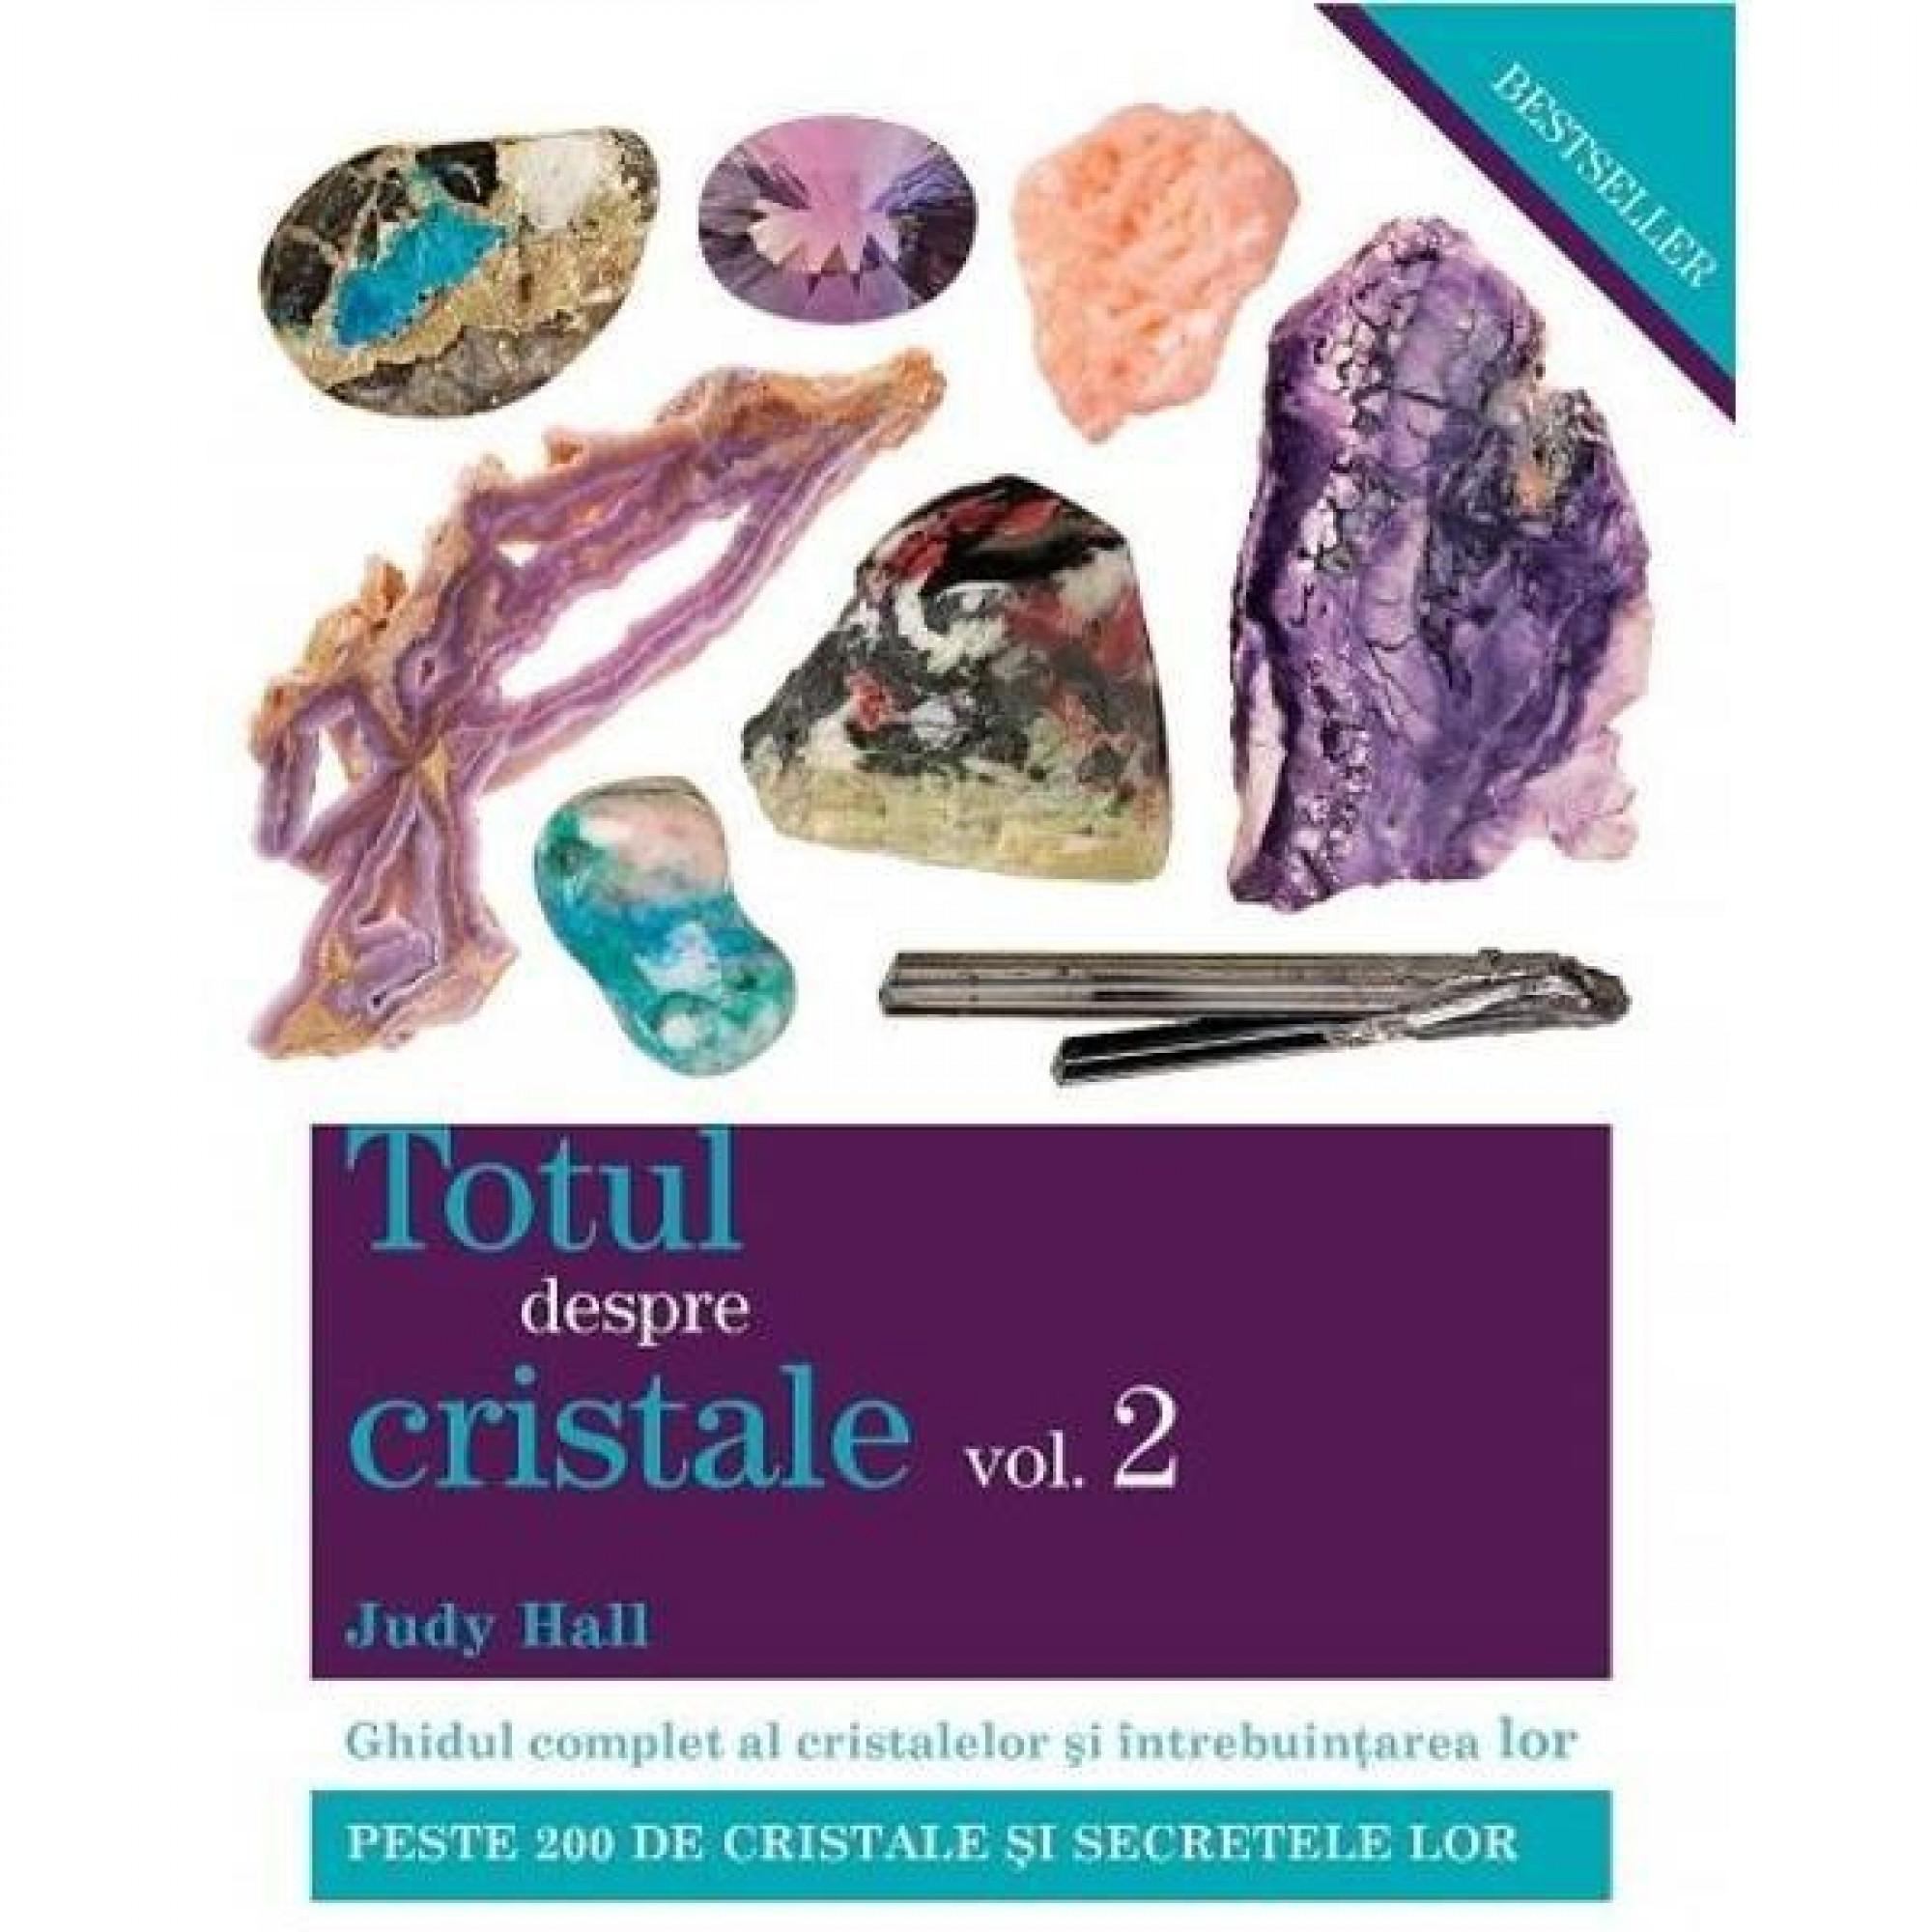 Totul despre cristale. Volumul II. Ghidul complet al cristalelor şi întrebuinţarea lor; Judy Hall